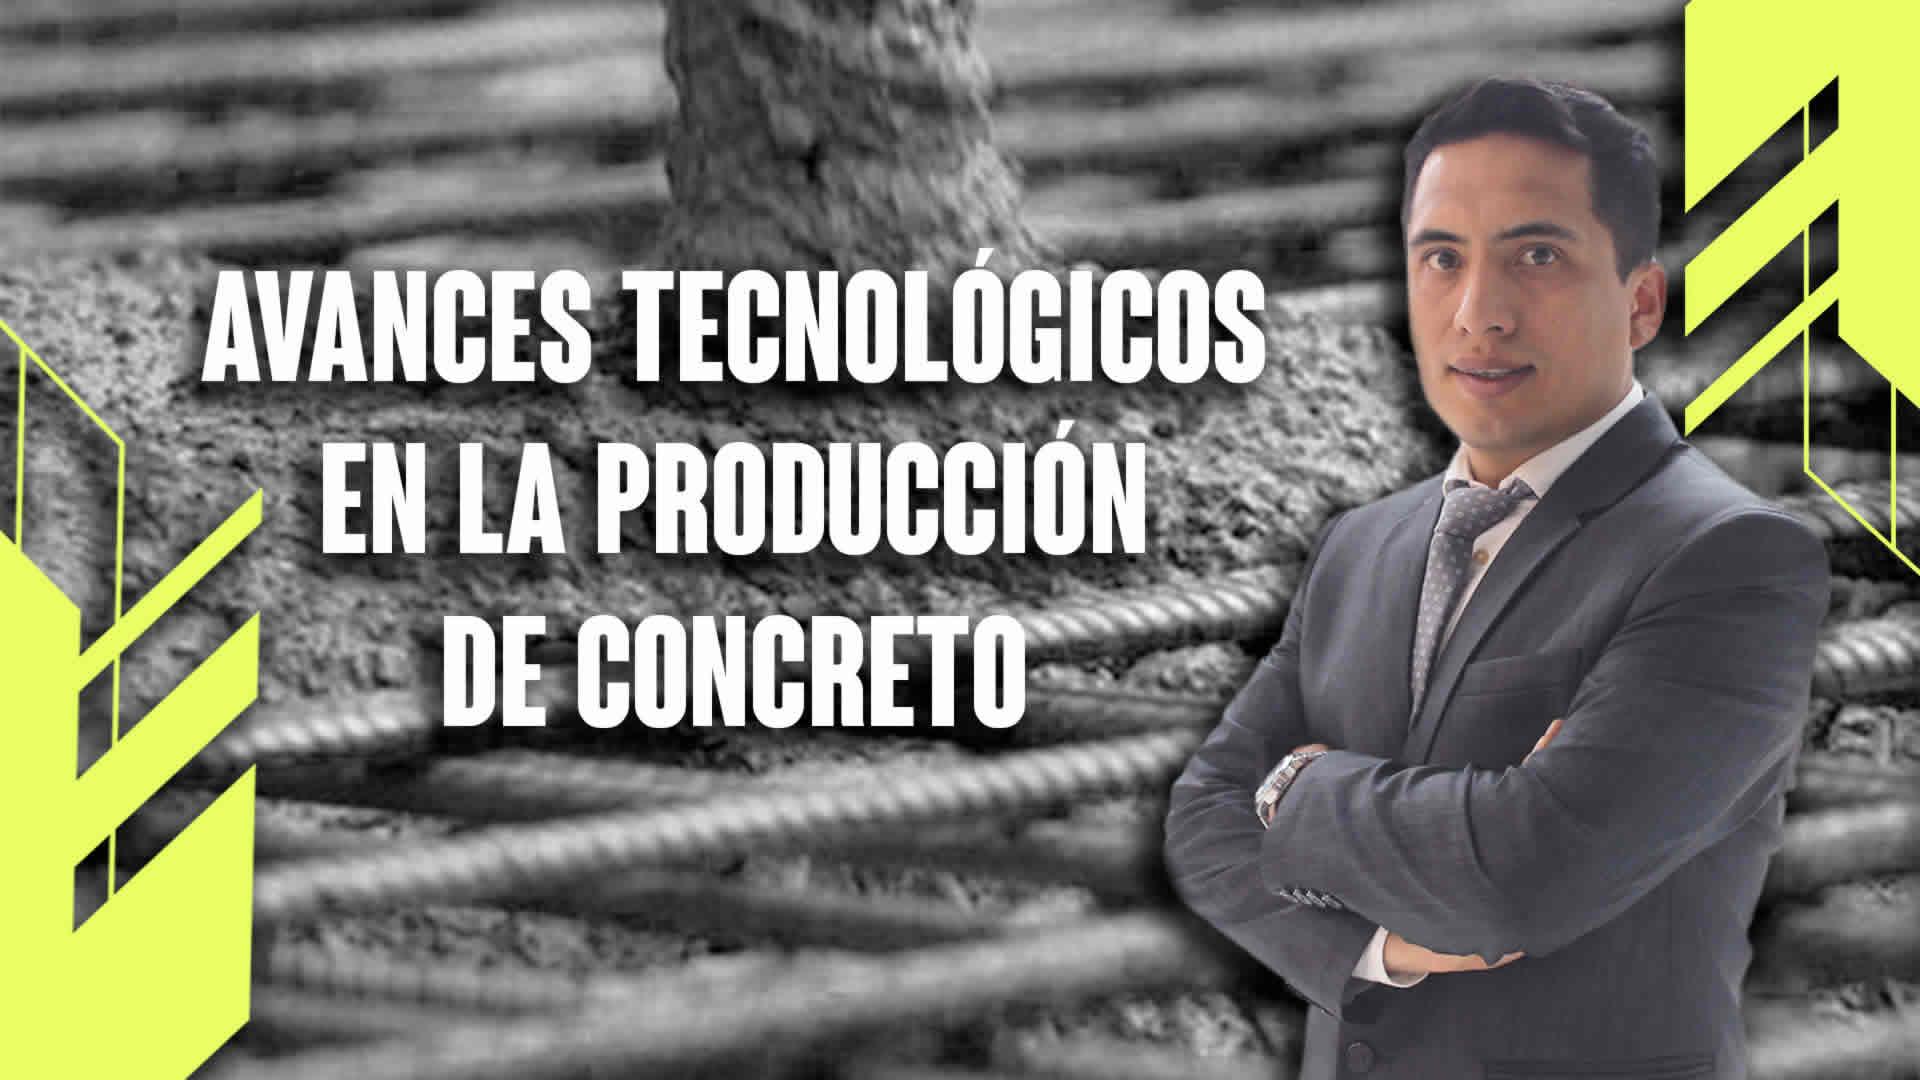 Avances tecnológicos en la producción de concreto